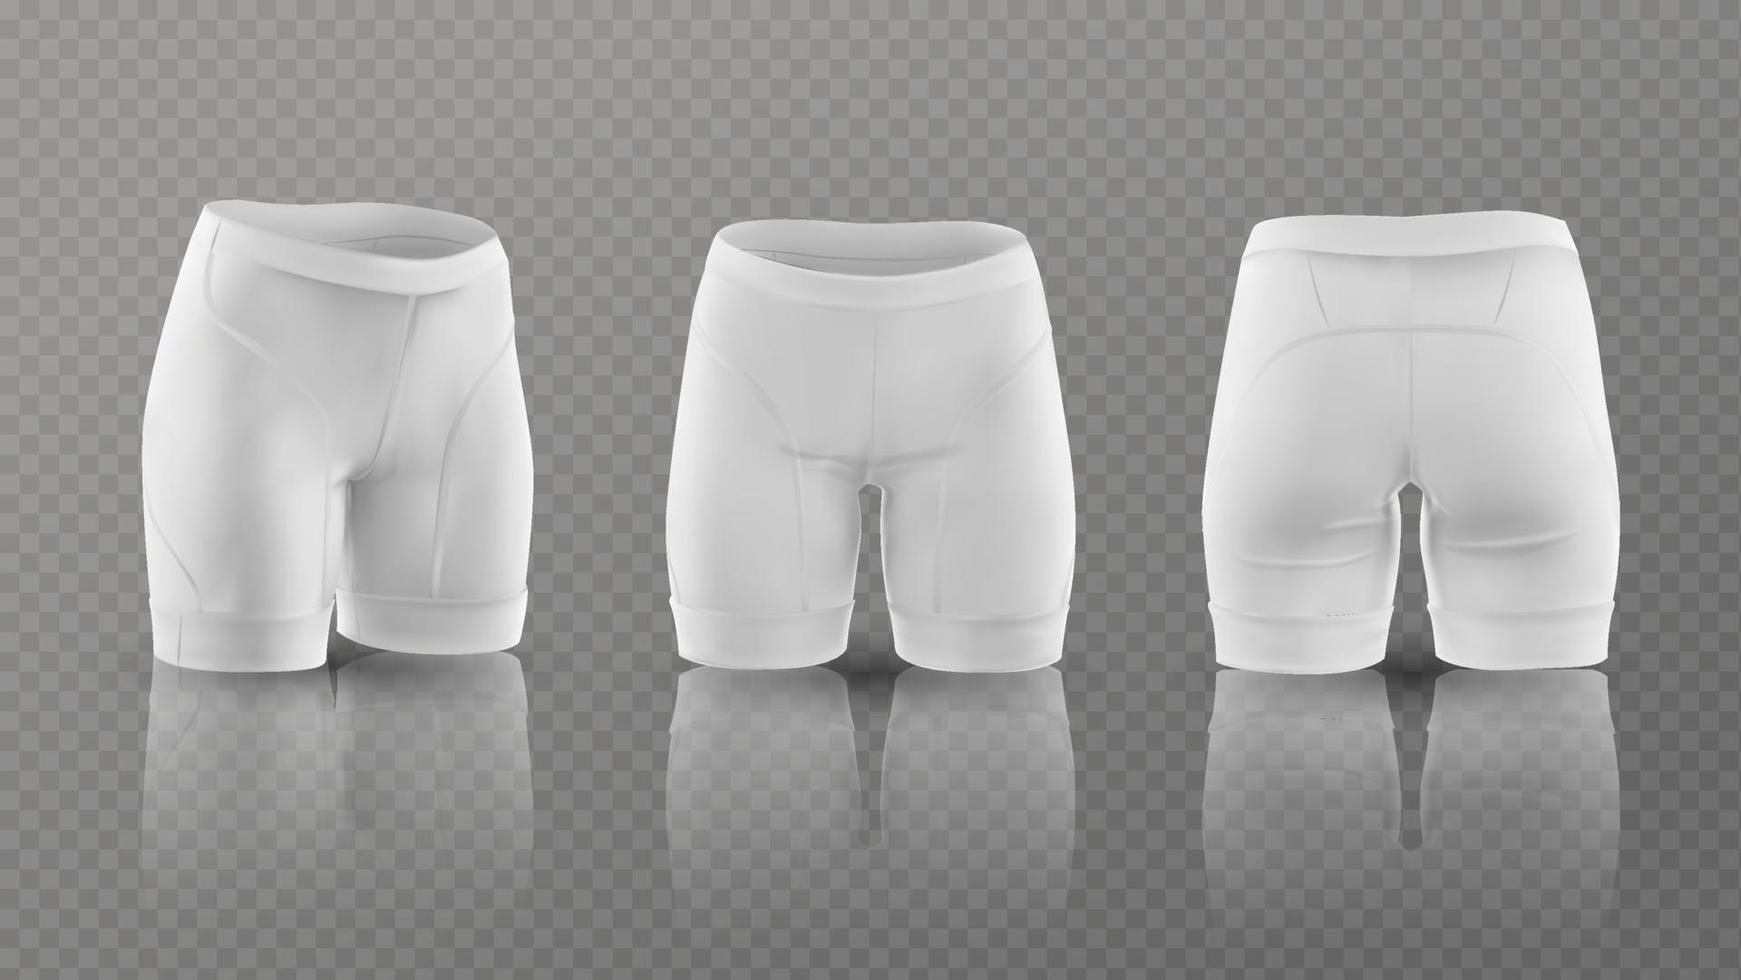 mockup voor damesfietsbroeken in verschillende posities. vector illustratie